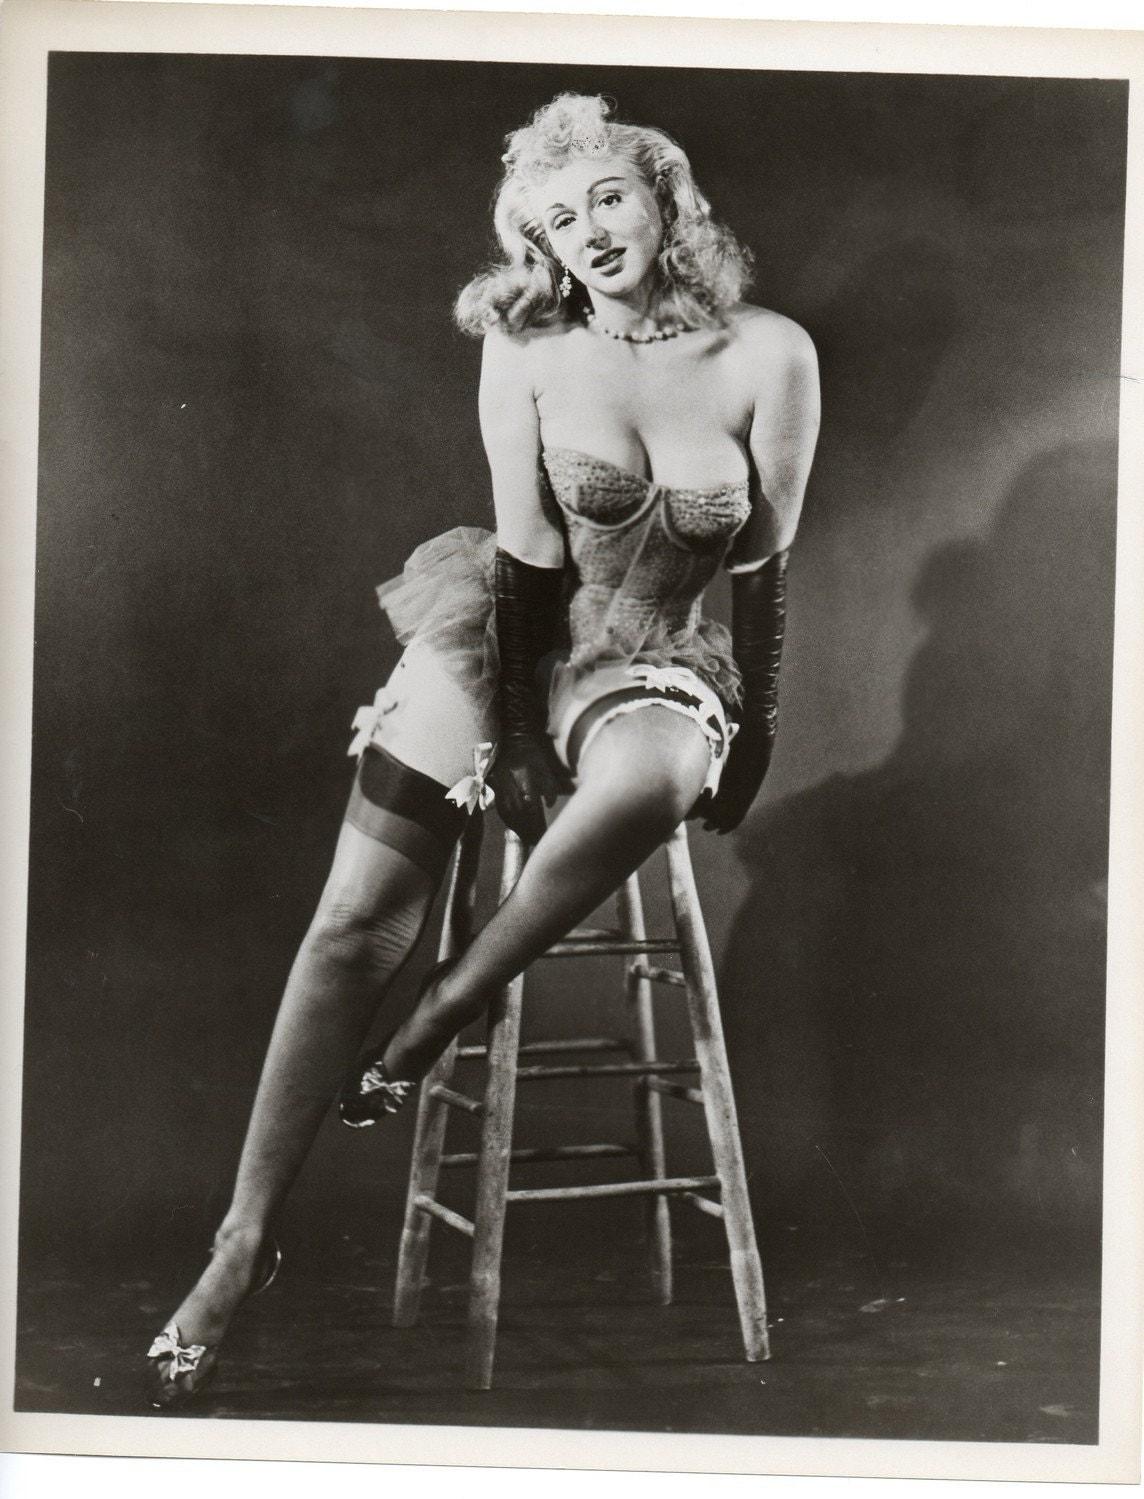 sexy photos 1950s eBay